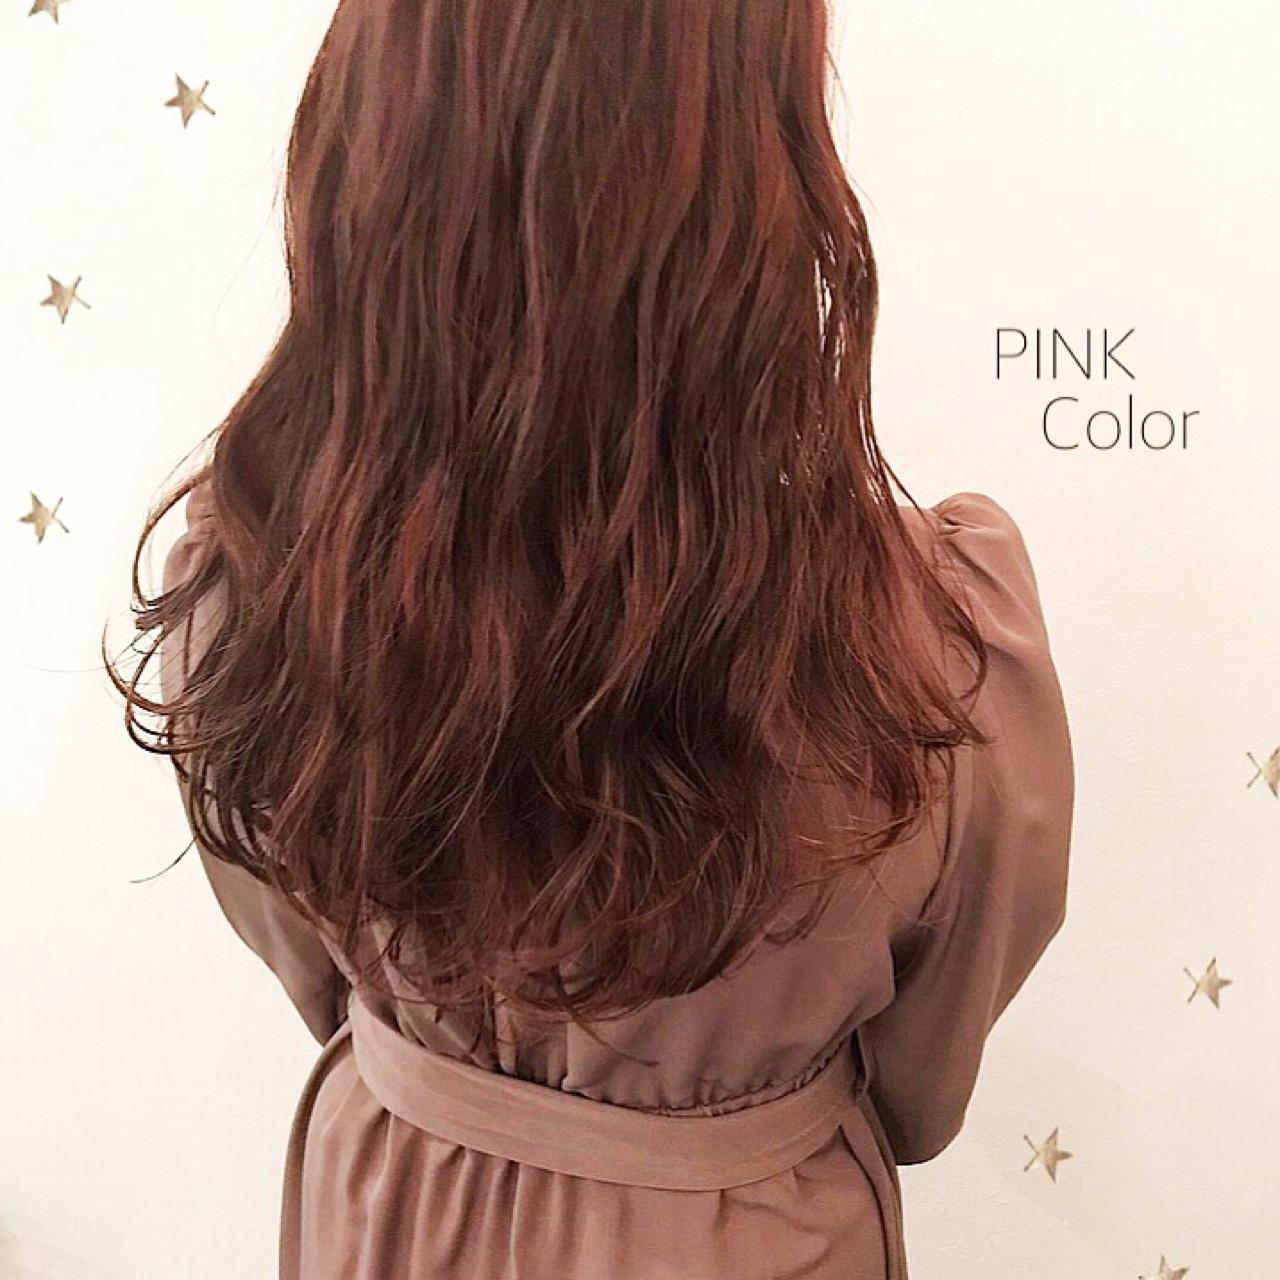 ロング ストリート ハイライト ピンク ヘアスタイルや髪型の写真・画像